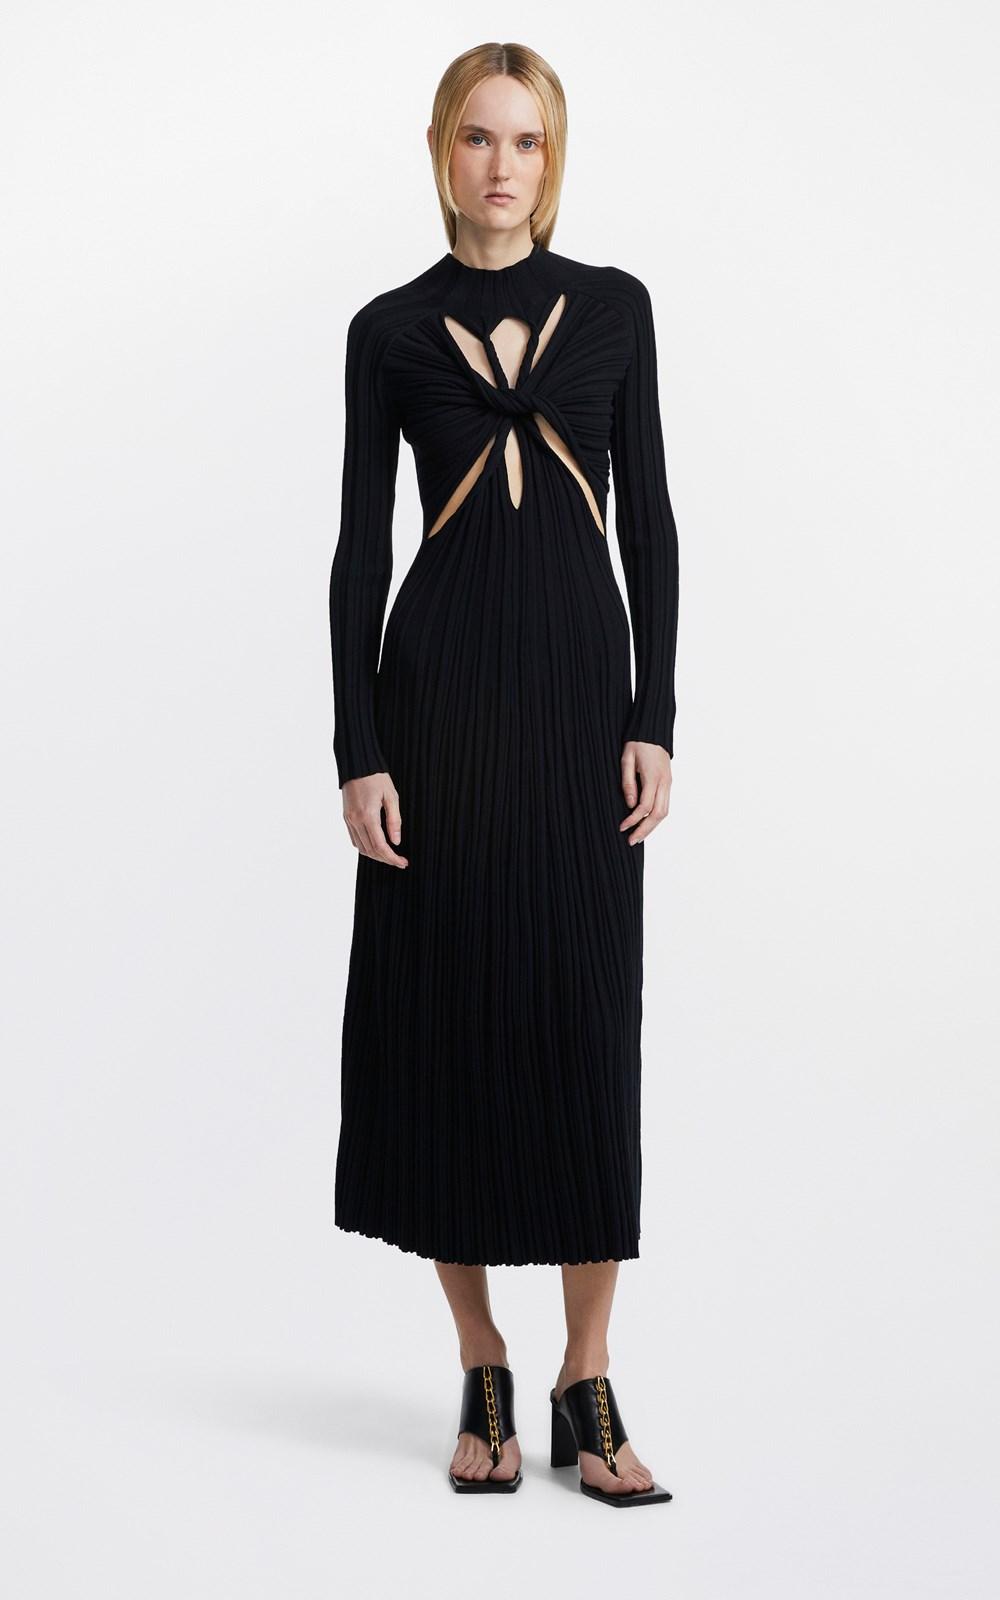 Knitwear | LUNG TWIST DRESS